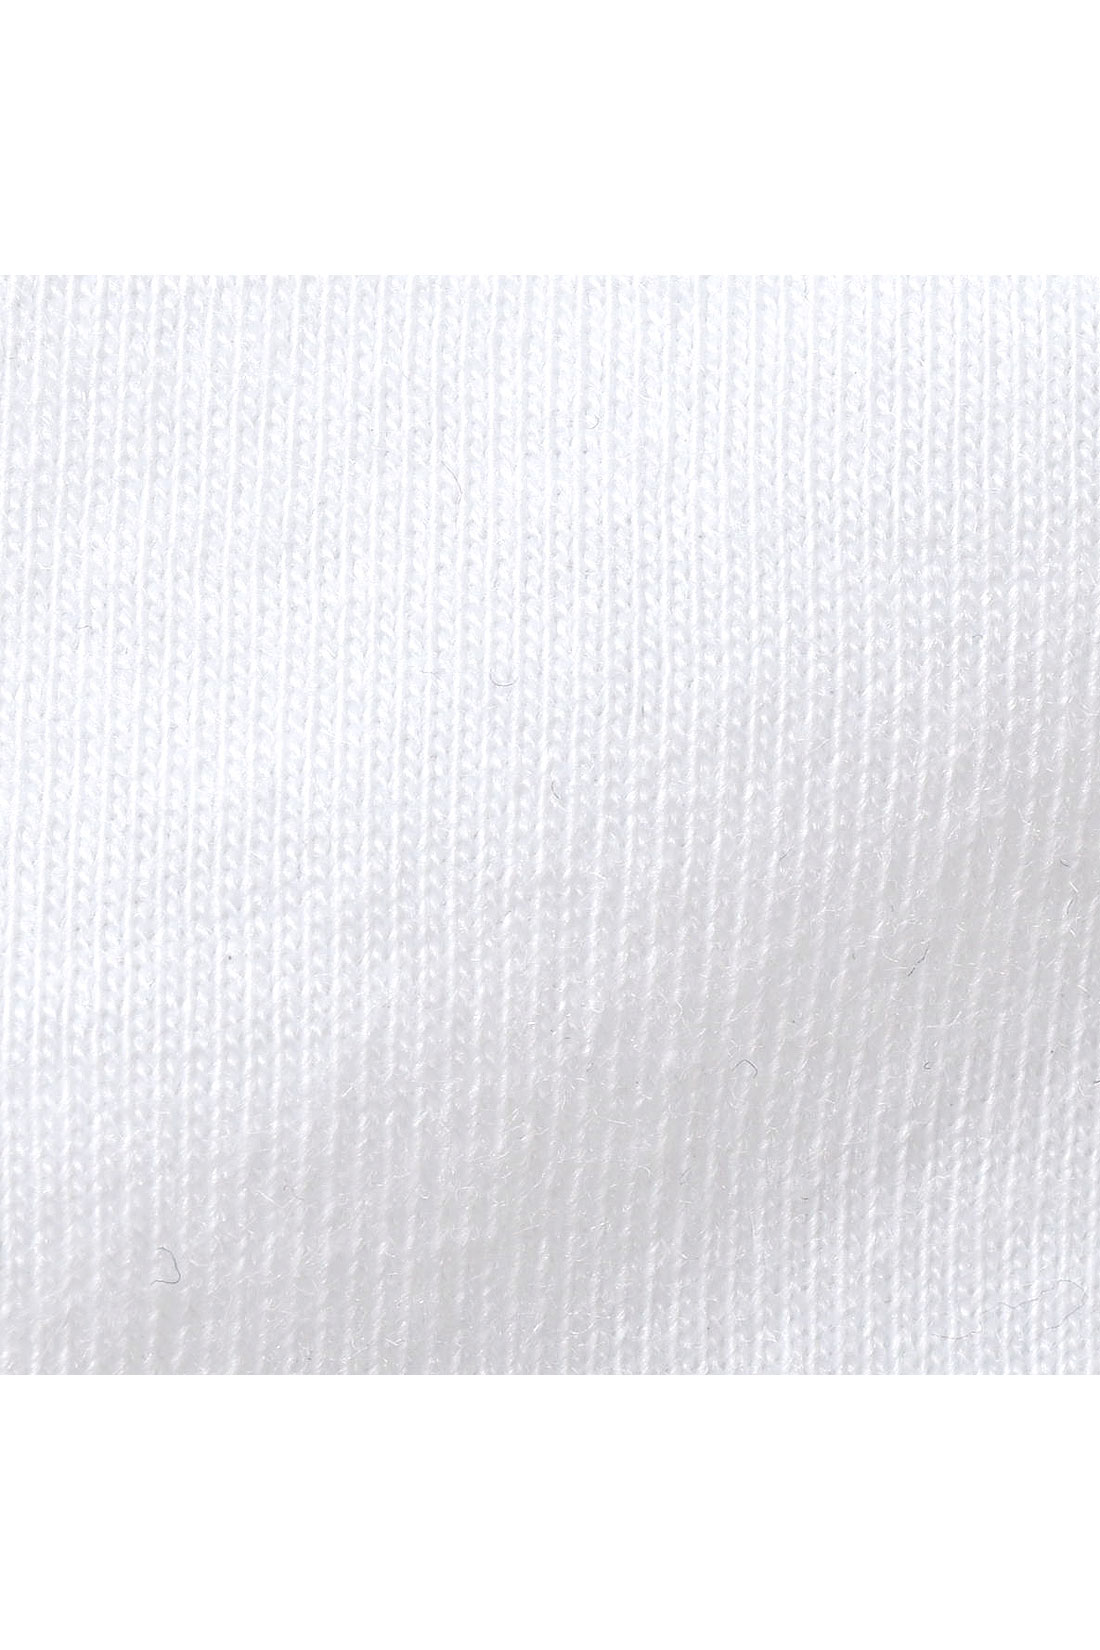 タンクトップは綿混のカットソーで肌に心地いい。